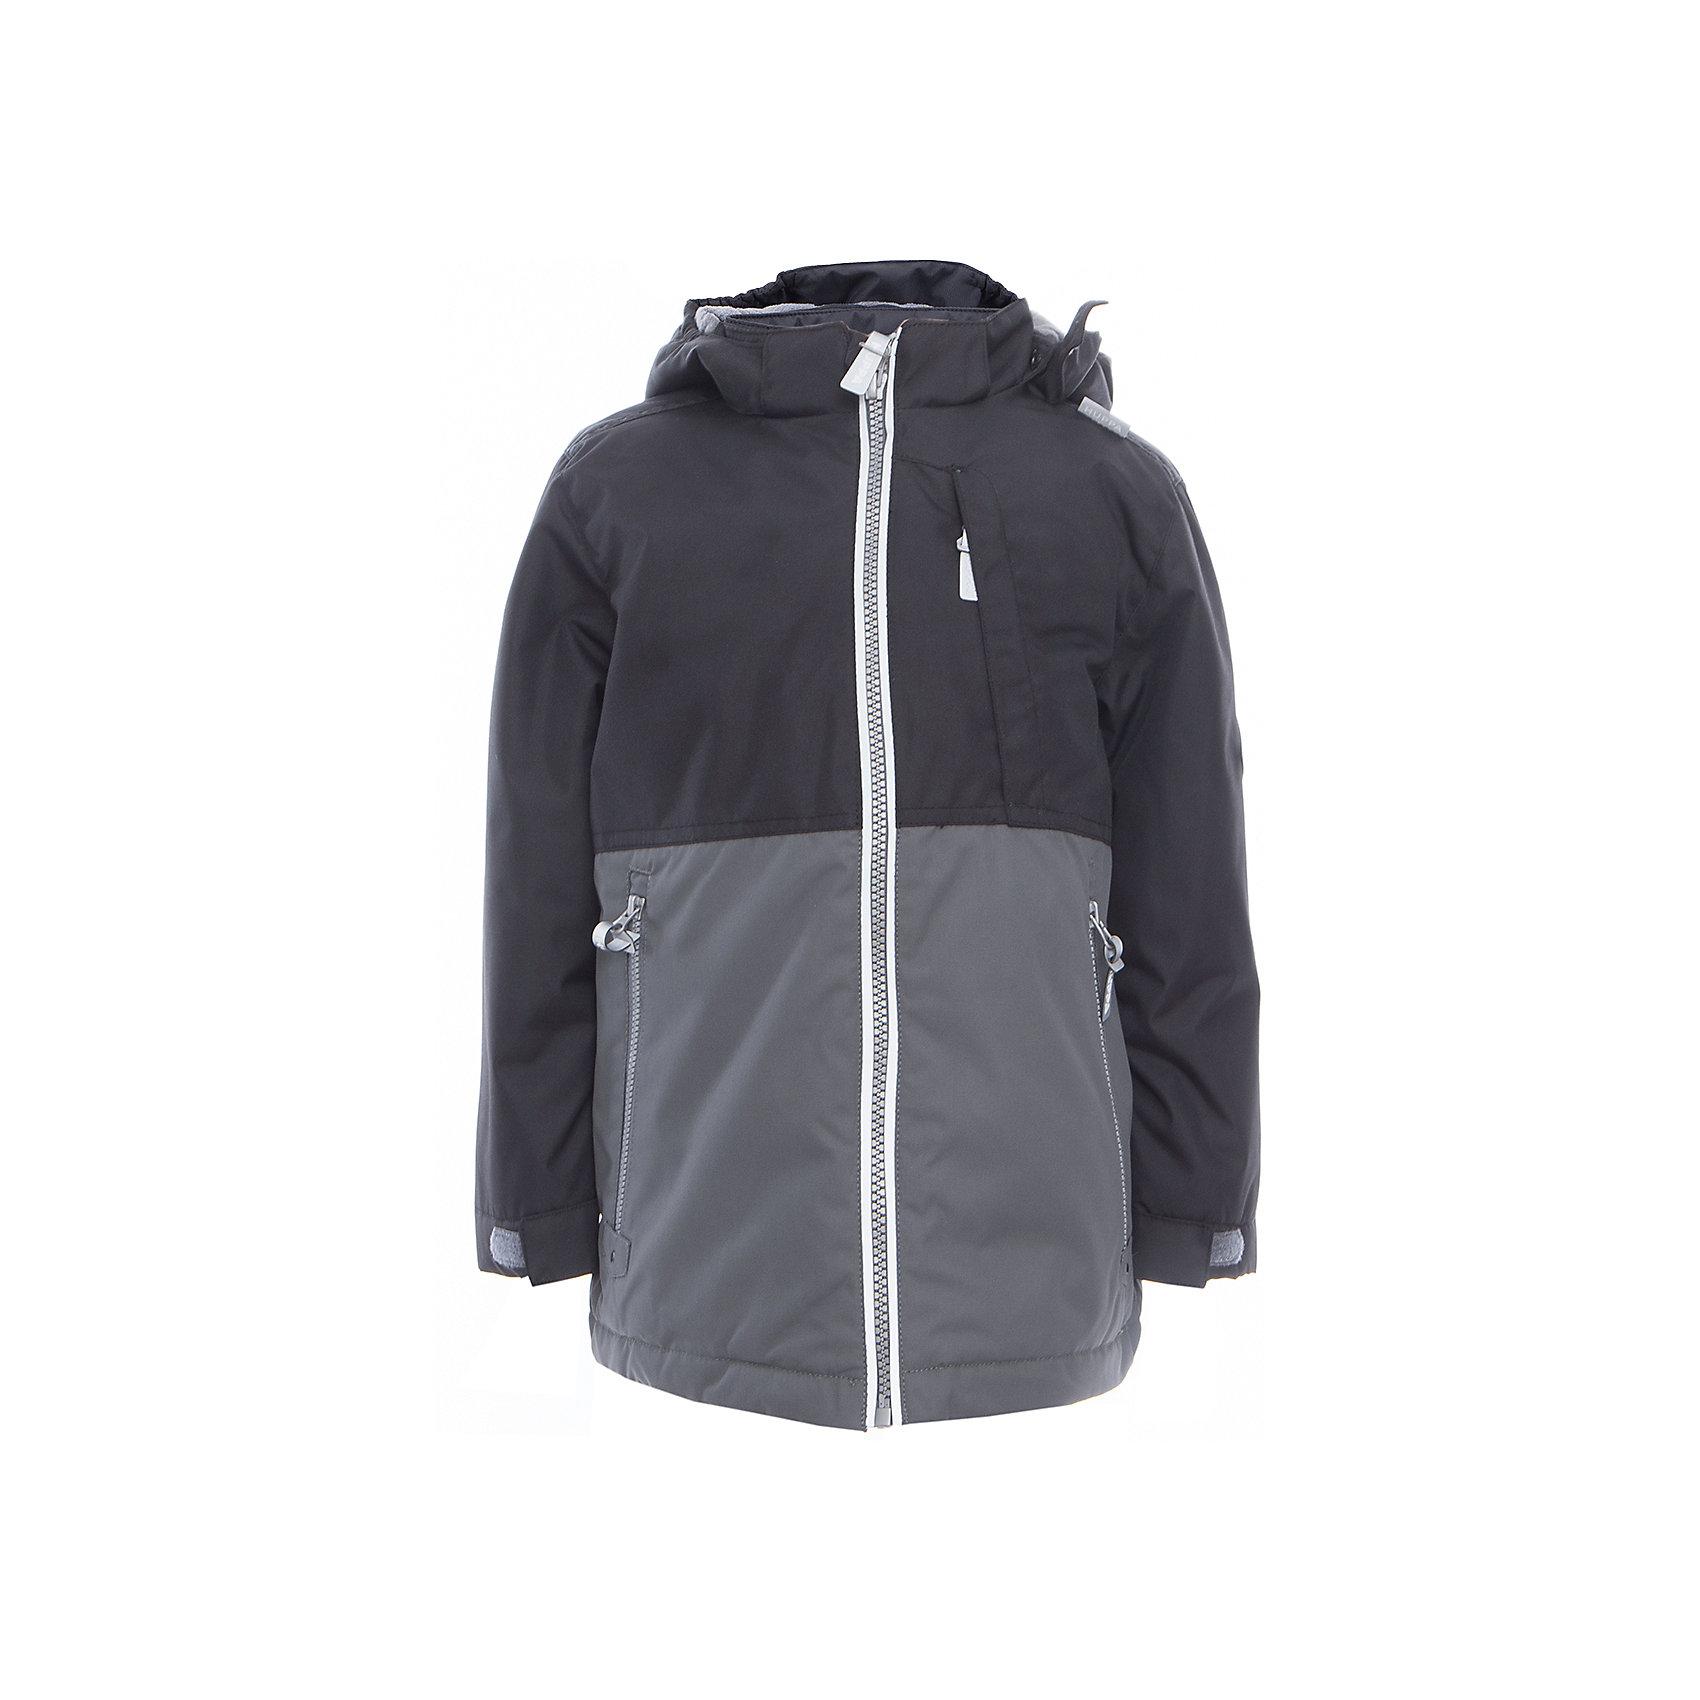 Куртка для мальчика TREVOR HuppaДемисезонные куртки<br>Характеристики товара:<br><br>• цвет: чёрный/серый<br>• ткань: 100% полиэстер<br>• подкладка: тафта - 100% полиэстер<br>• утеплитель: 100% полиэстер 100 г<br>• температурный режим: от -5°С до +10°С<br>• водонепроницаемость: 10000 мм<br>• воздухопроницаемость: 10000 мм<br>• светоотражающие детали<br>• эластичные манжеты<br>• проклеенные швы<br>• карманы на молнии<br>• эластичный шнур + фиксатор<br>• съёмный капюшон с резинкой<br>• регулируемые манжеты<br>• комфортная посадка<br>• коллекция: весна-лето 2017<br>• страна бренда: Эстония<br><br>Эта стильная куртка обеспечит детям тепло и комфорт. Она сделана из материала, отталкивающего воду, и дополнено подкладкой с утеплителем, поэтому изделие идеально подходит для межсезонья. Материал изделия - с мембранной технологией: защищая от влаги и ветра, он легко выводит лишнюю влагу наружу. Для удобства сделан капюшон. Куртка очень симпатично смотрится, яркая расцветка и крой добавляют ему оригинальности. Модель была разработана специально для детей.<br><br>Одежда и обувь от популярного эстонского бренда Huppa - отличный вариант одеть ребенка можно и комфортно. Вещи, выпускаемые компанией, качественные, продуманные и очень удобные. Для производства изделий используются только безопасные для детей материалы. Продукция от Huppa порадует и детей, и их родителей!<br><br>Куртку для мальчика TREVOR от бренда Huppa (Хуппа) можно купить в нашем интернет-магазине.<br><br>Ширина мм: 356<br>Глубина мм: 10<br>Высота мм: 245<br>Вес г: 519<br>Цвет: серый<br>Возраст от месяцев: 132<br>Возраст до месяцев: 144<br>Пол: Мужской<br>Возраст: Детский<br>Размер: 152,104,110,116,122,128,134,140,146<br>SKU: 5347053